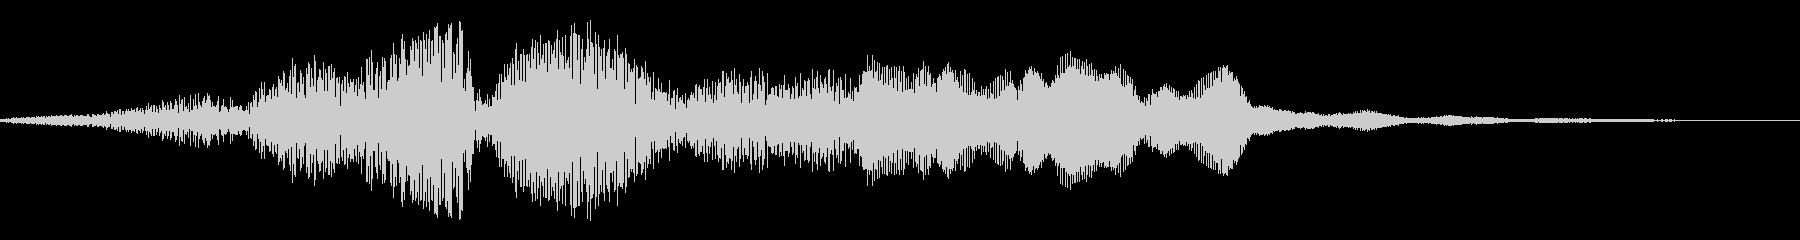 ギギィ~…軋む音 3の未再生の波形